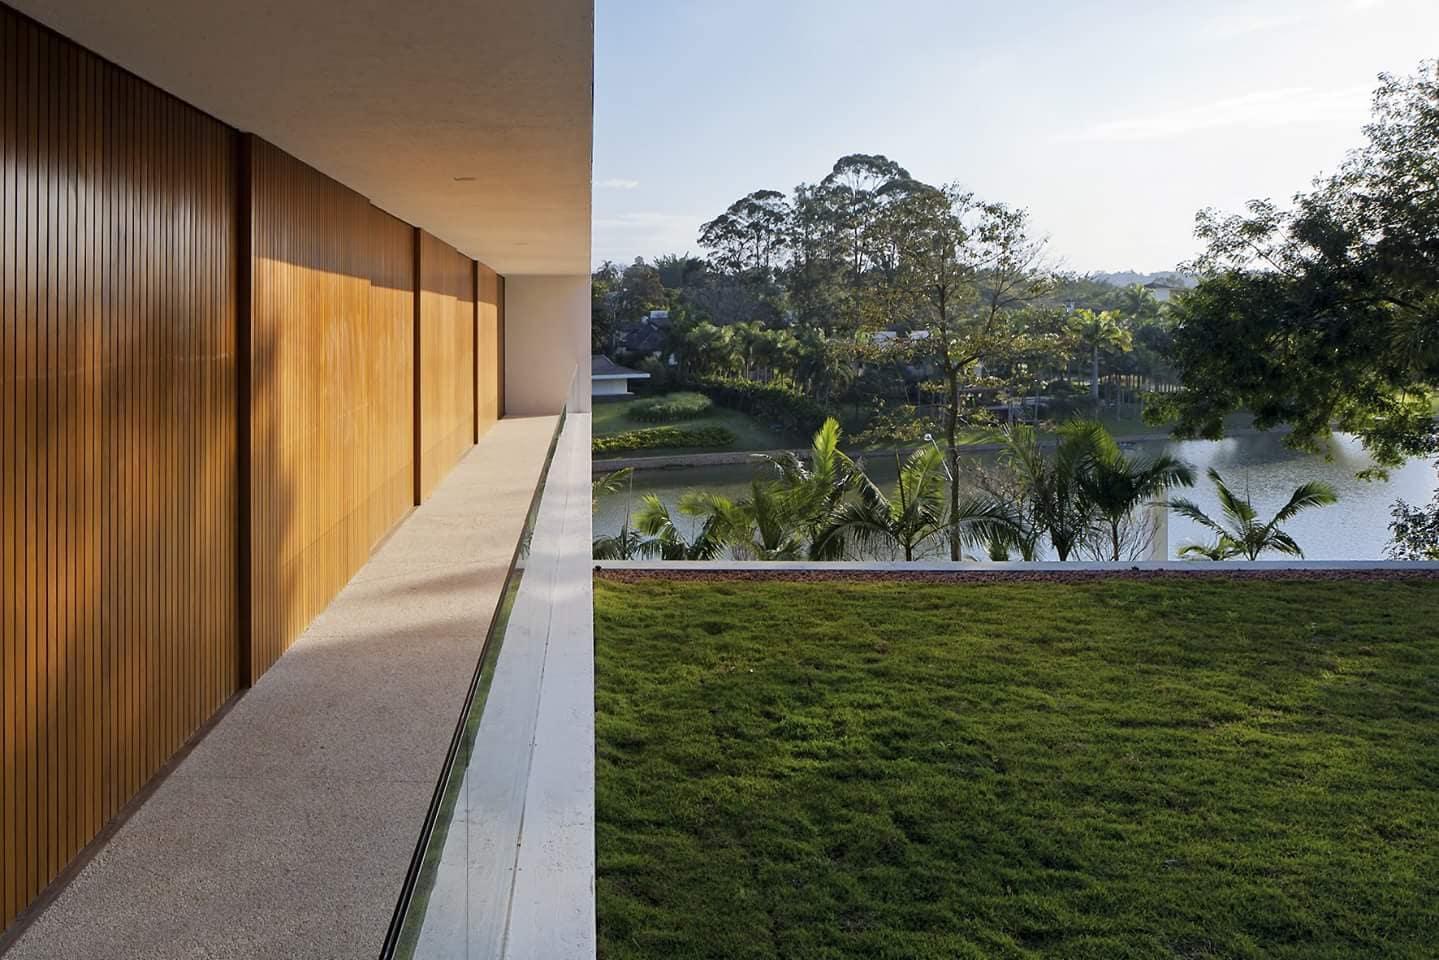 Góc nhìn từ Villa ra hồ nước đẹp mắt